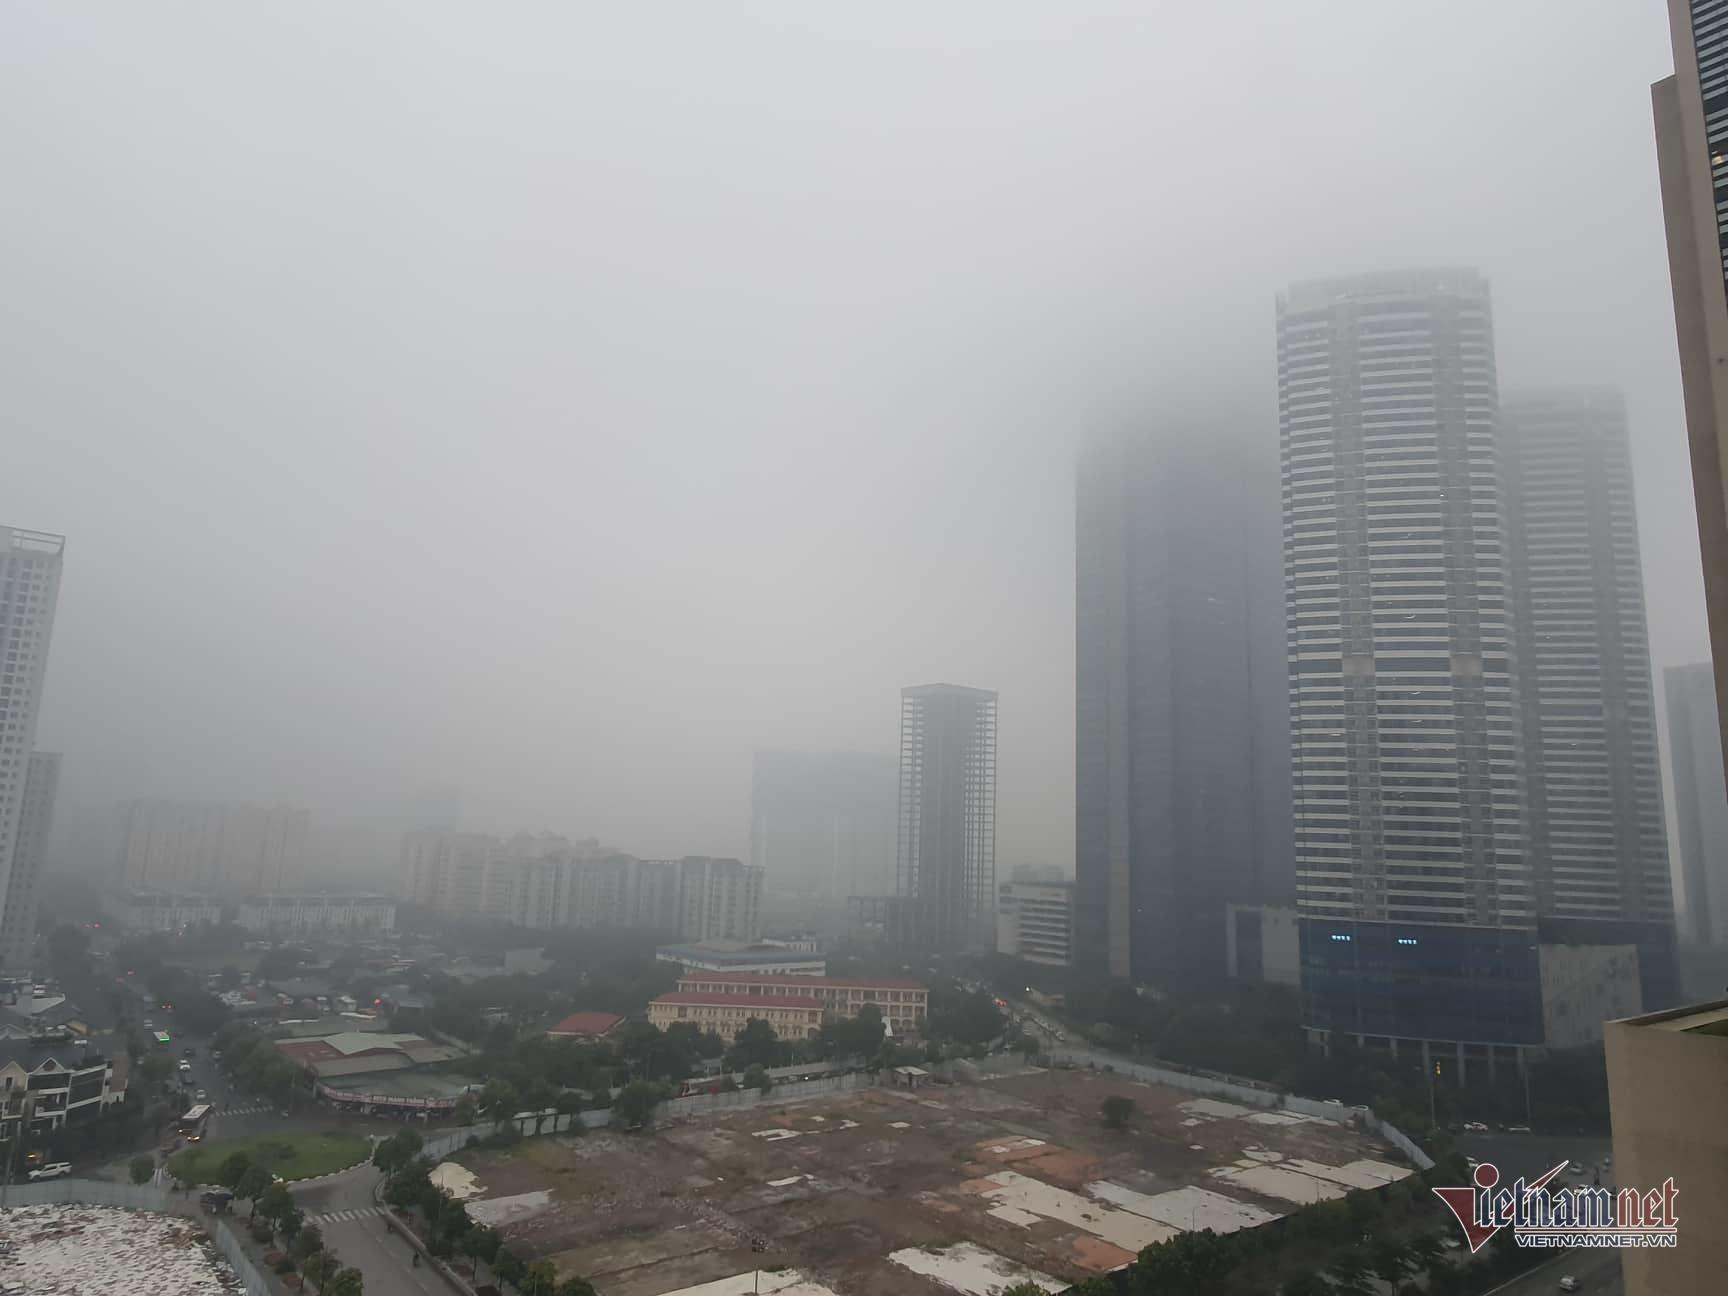 Sương mù giăng phủ Hà Nội, cao ốc mất hút Ảnh 9